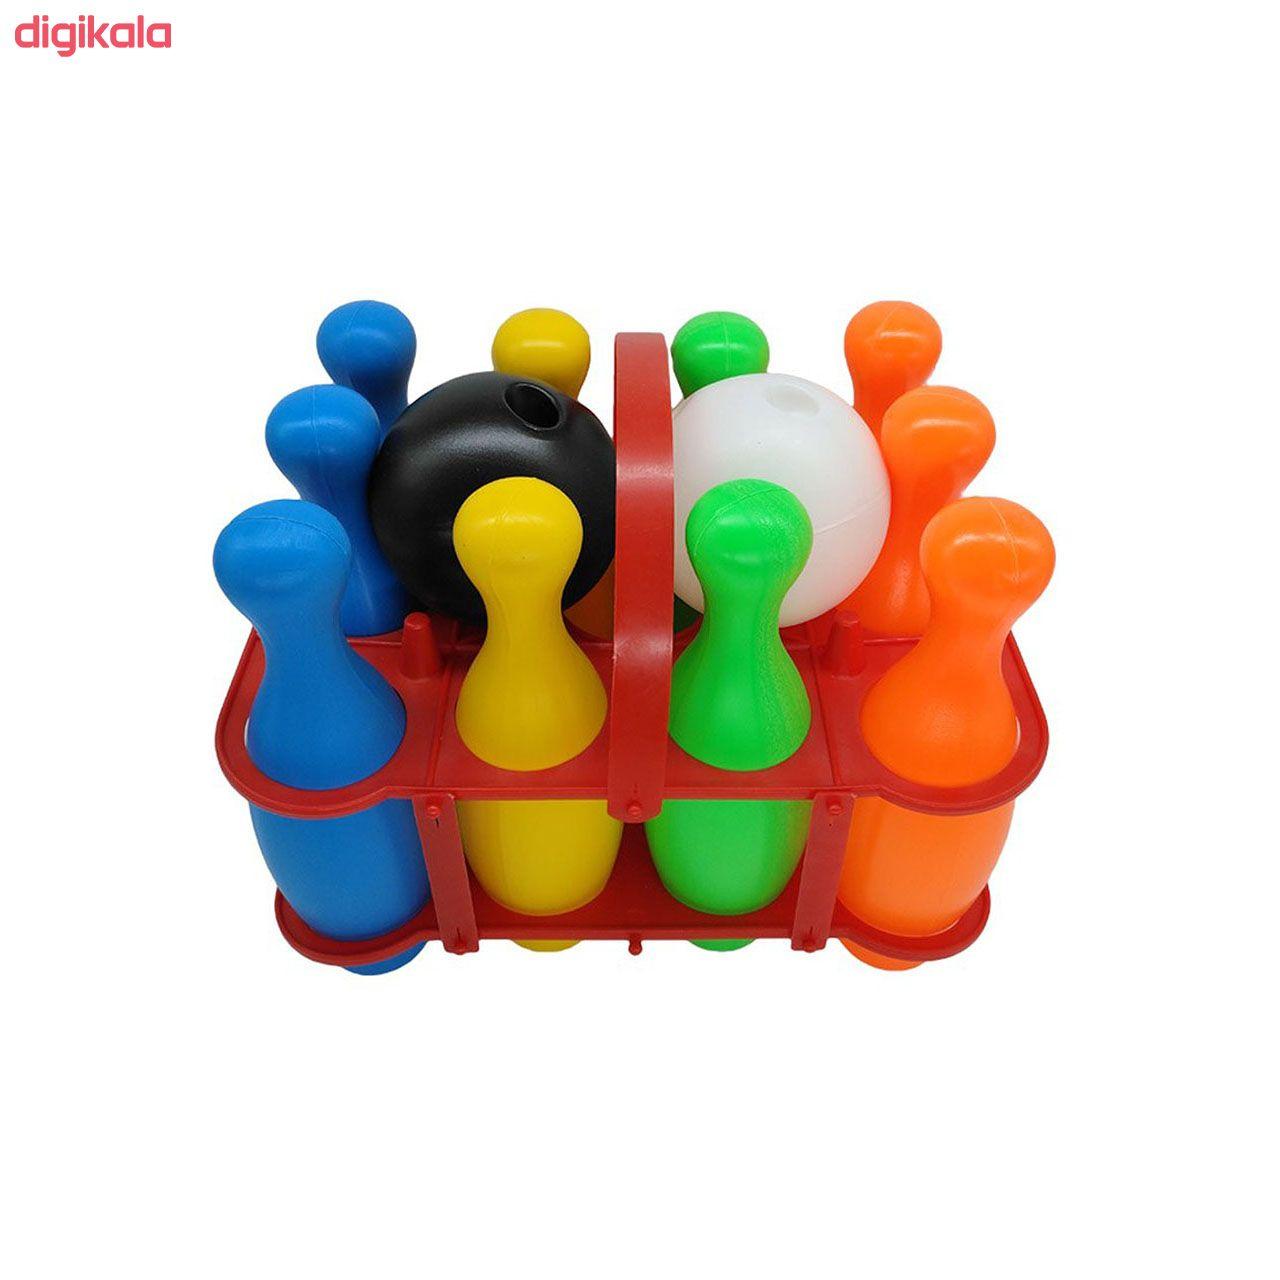 اسباب بازی ست بولینگ کیدتونز کد KTN-025 main 1 1